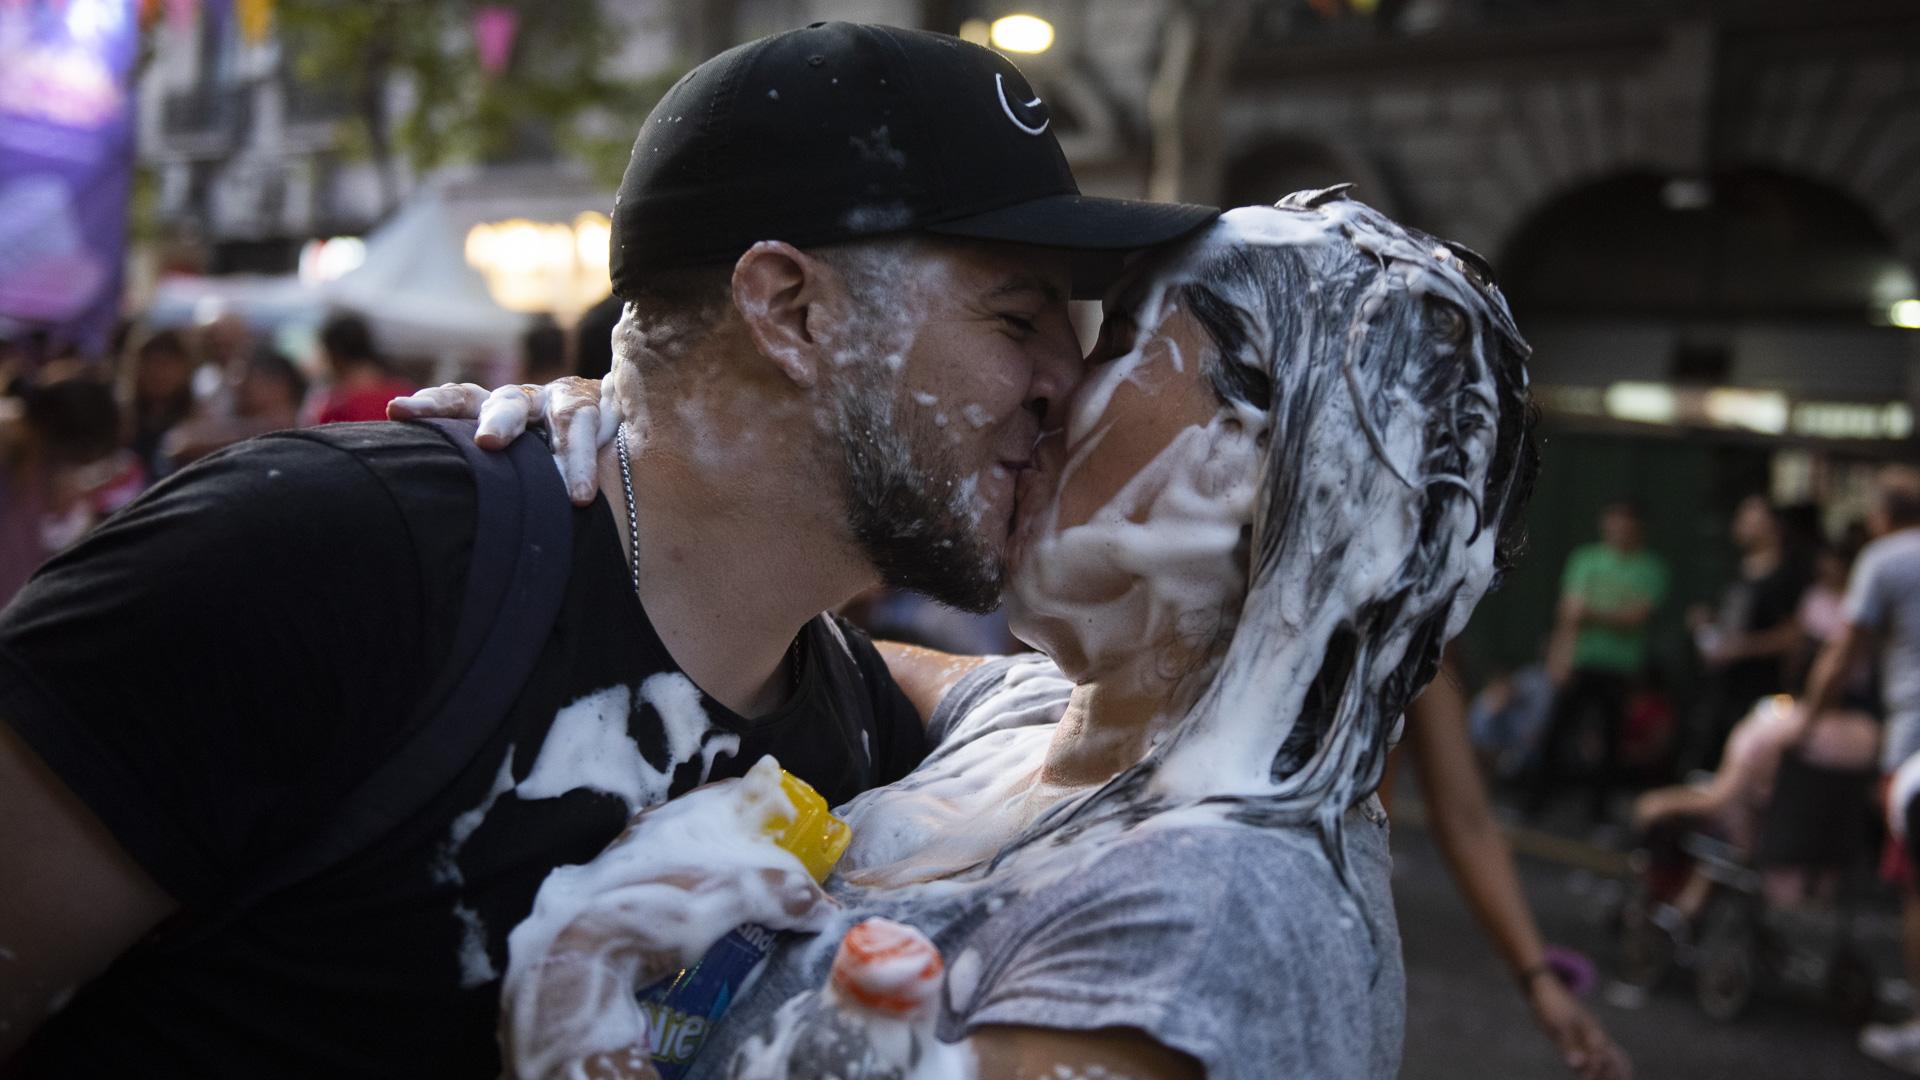 Esta celebración fue la culminación de una gran fiesta cultural que los vecinos disfrutaron durante todo el mes de febrero en los barrios de la ciudad de Buenos Aires.